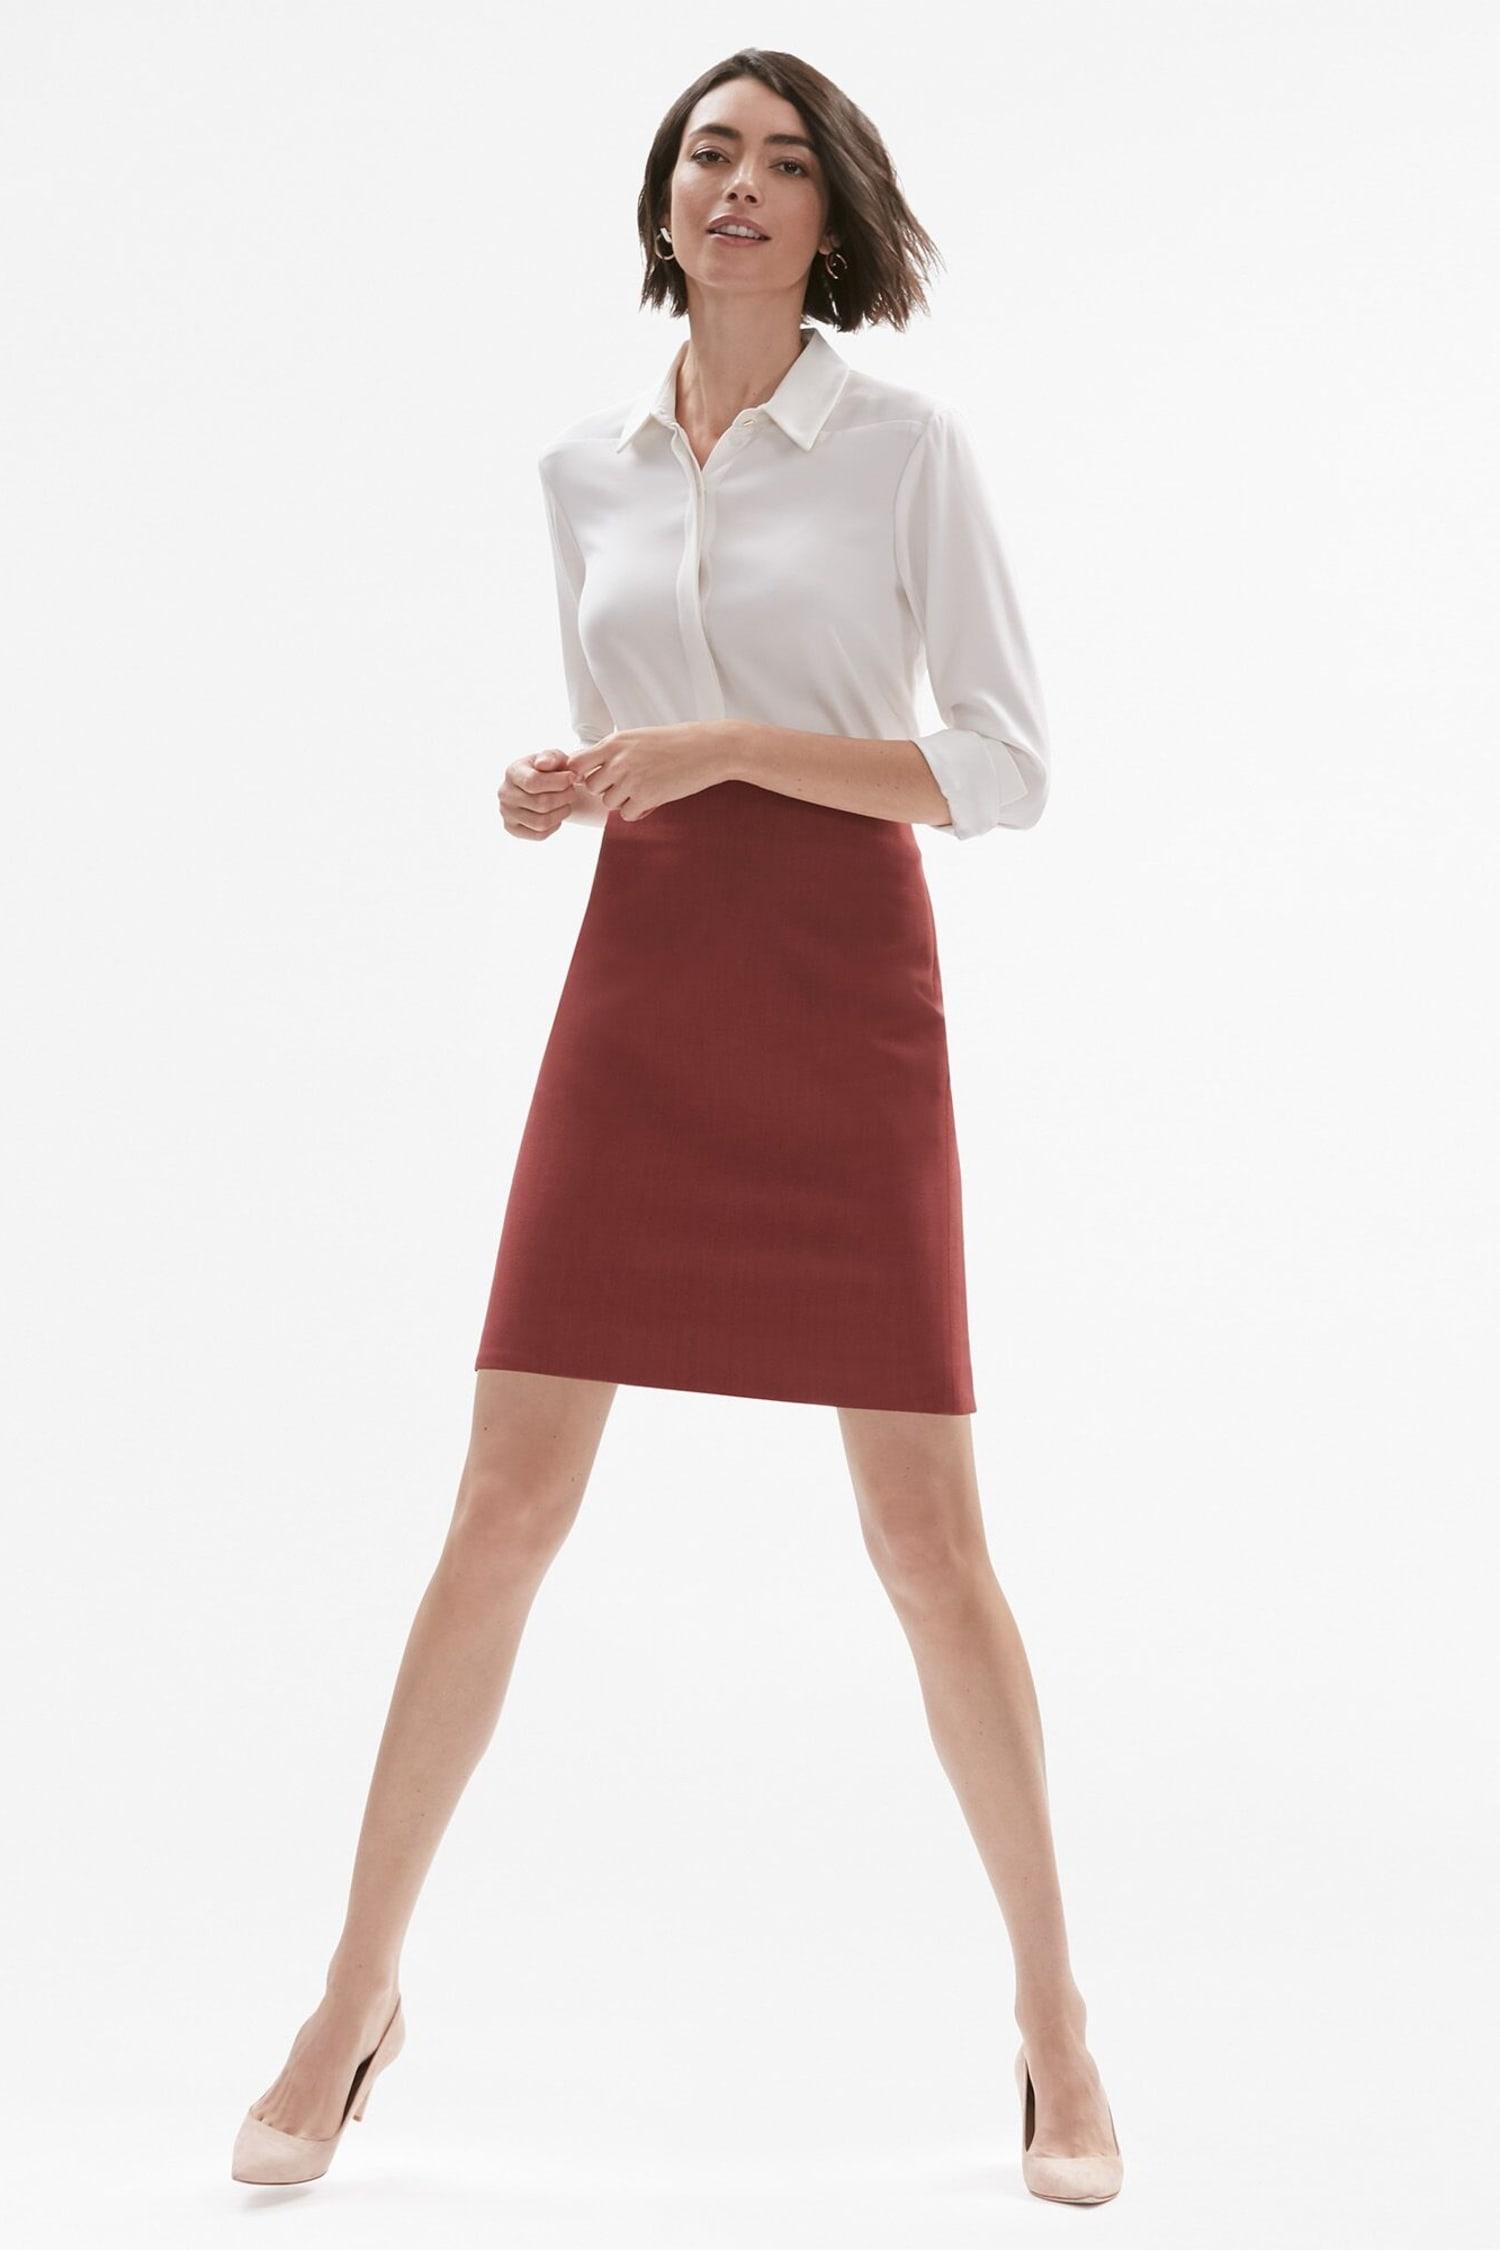 77badad6cdaa1 The Noho Skirt